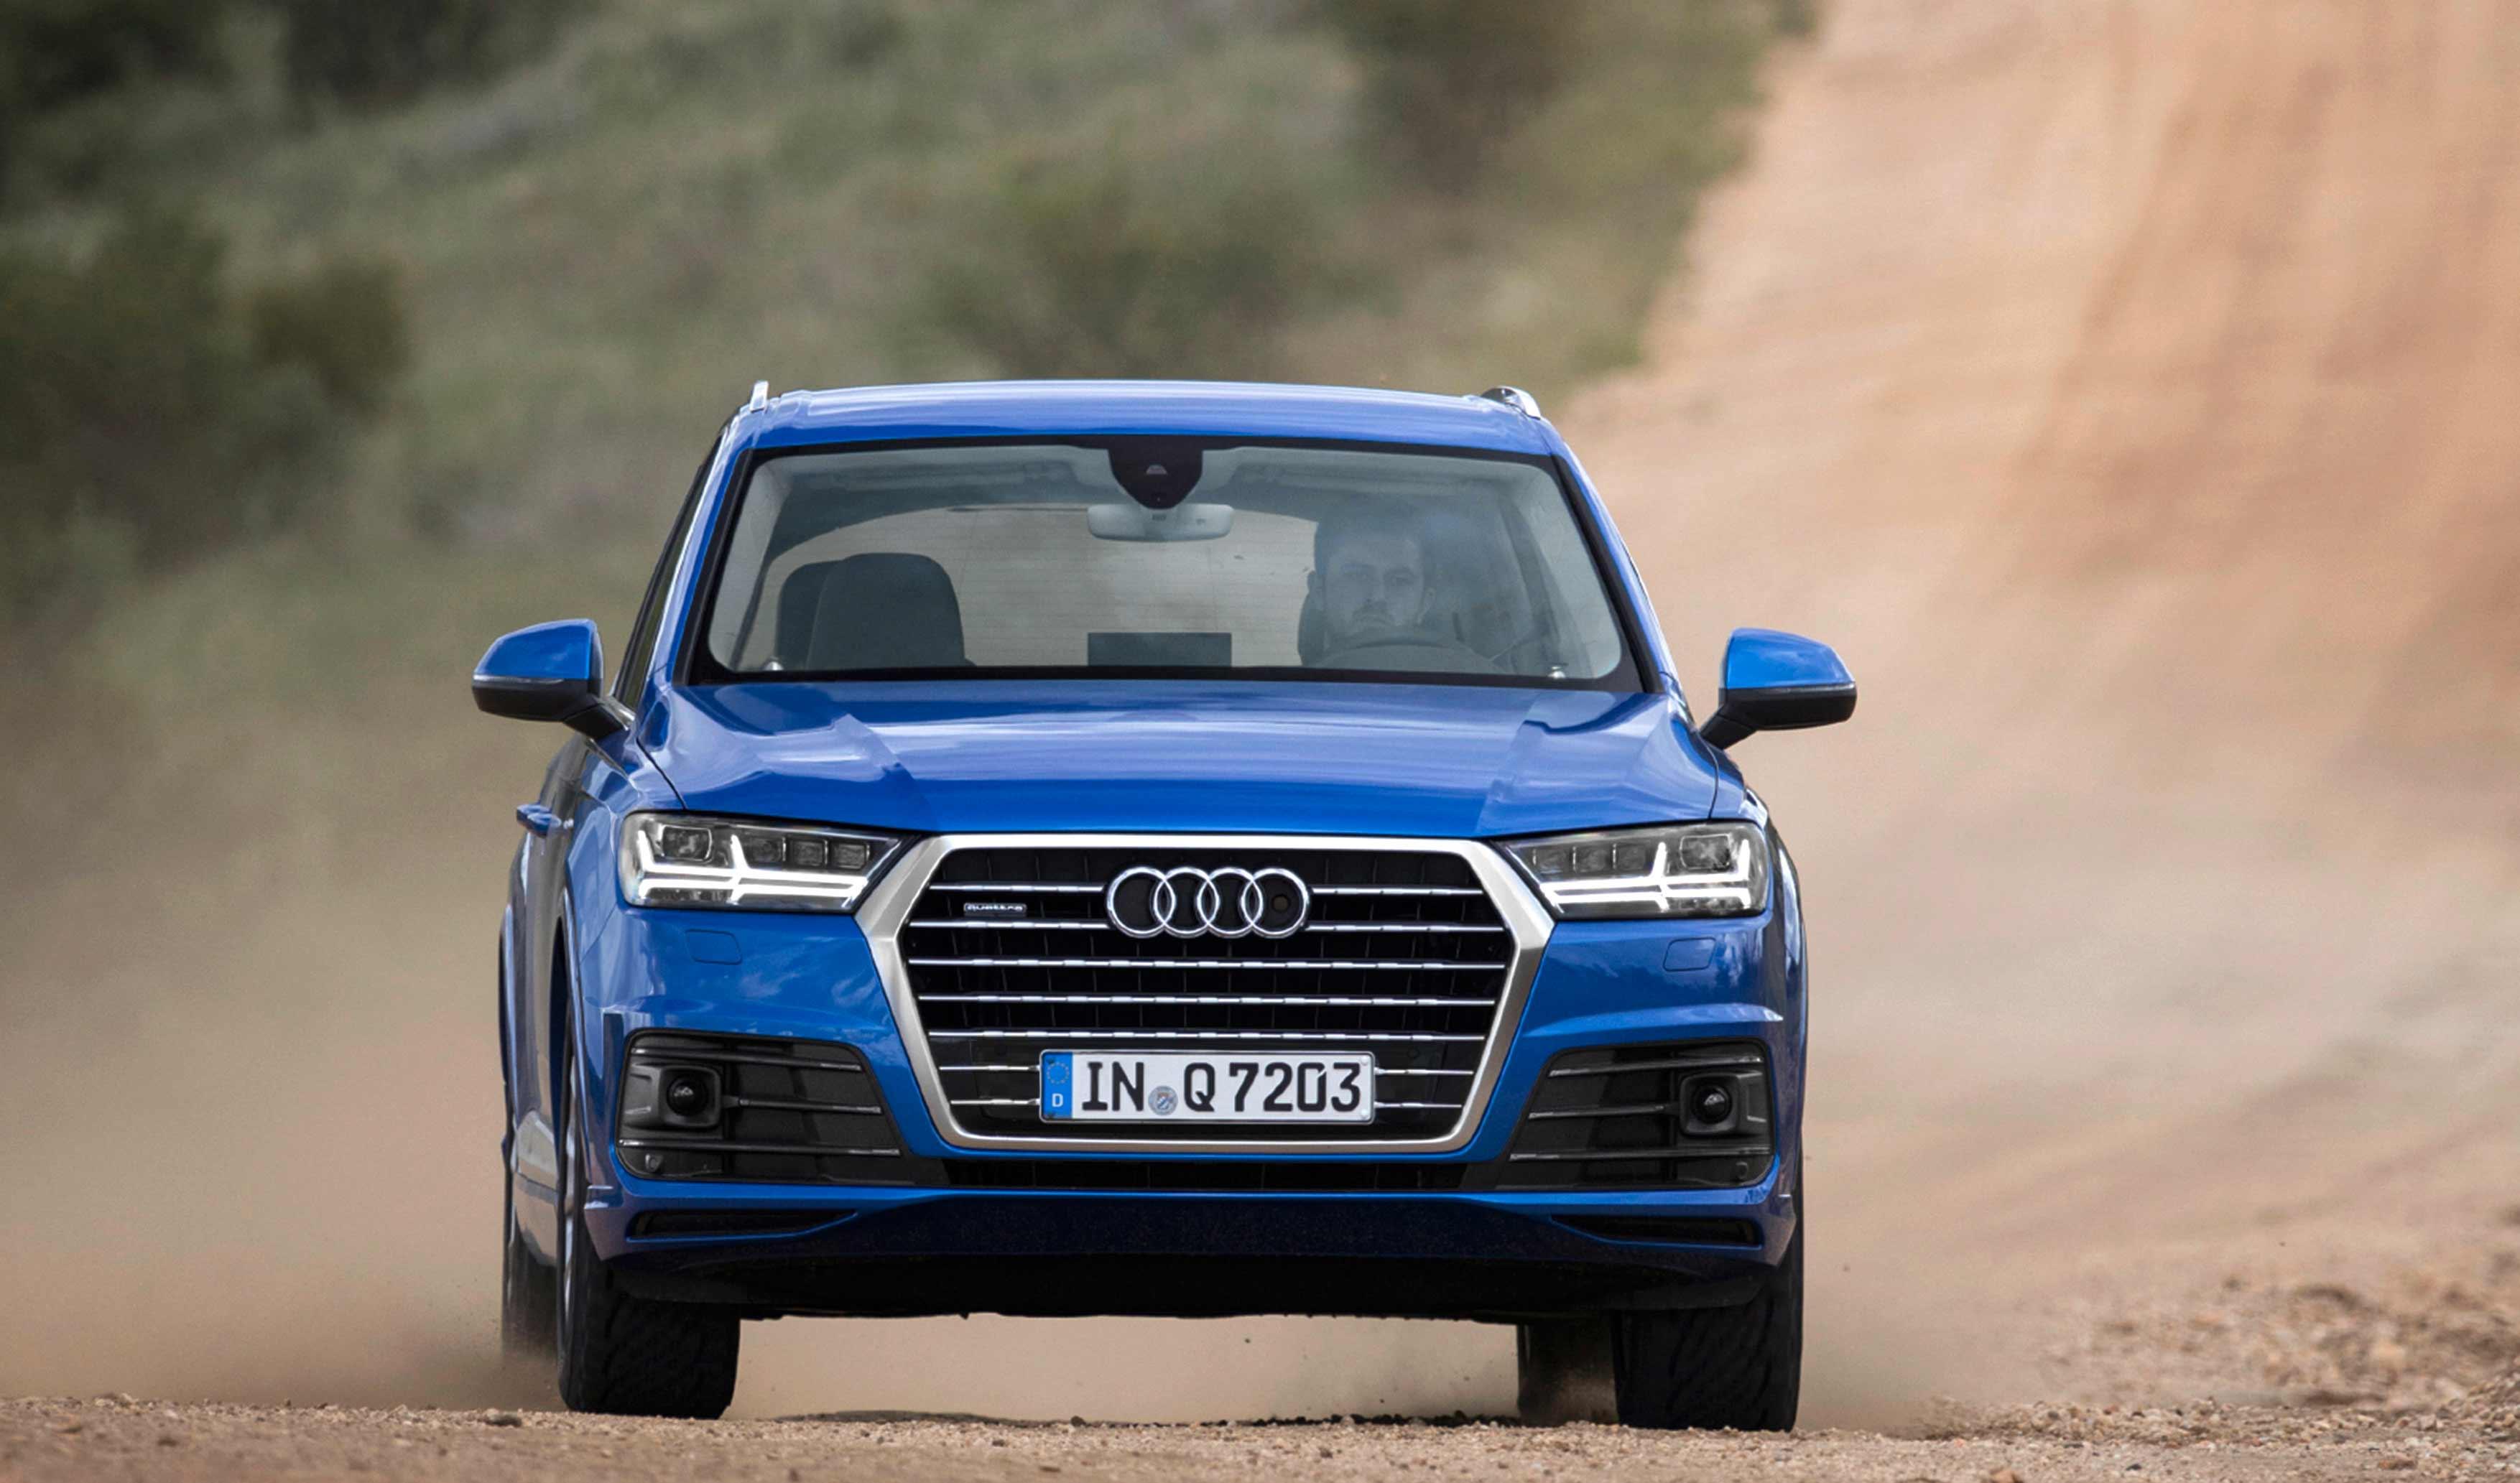 Primera prueba: Audi Q7, rey del confort... y del consumo